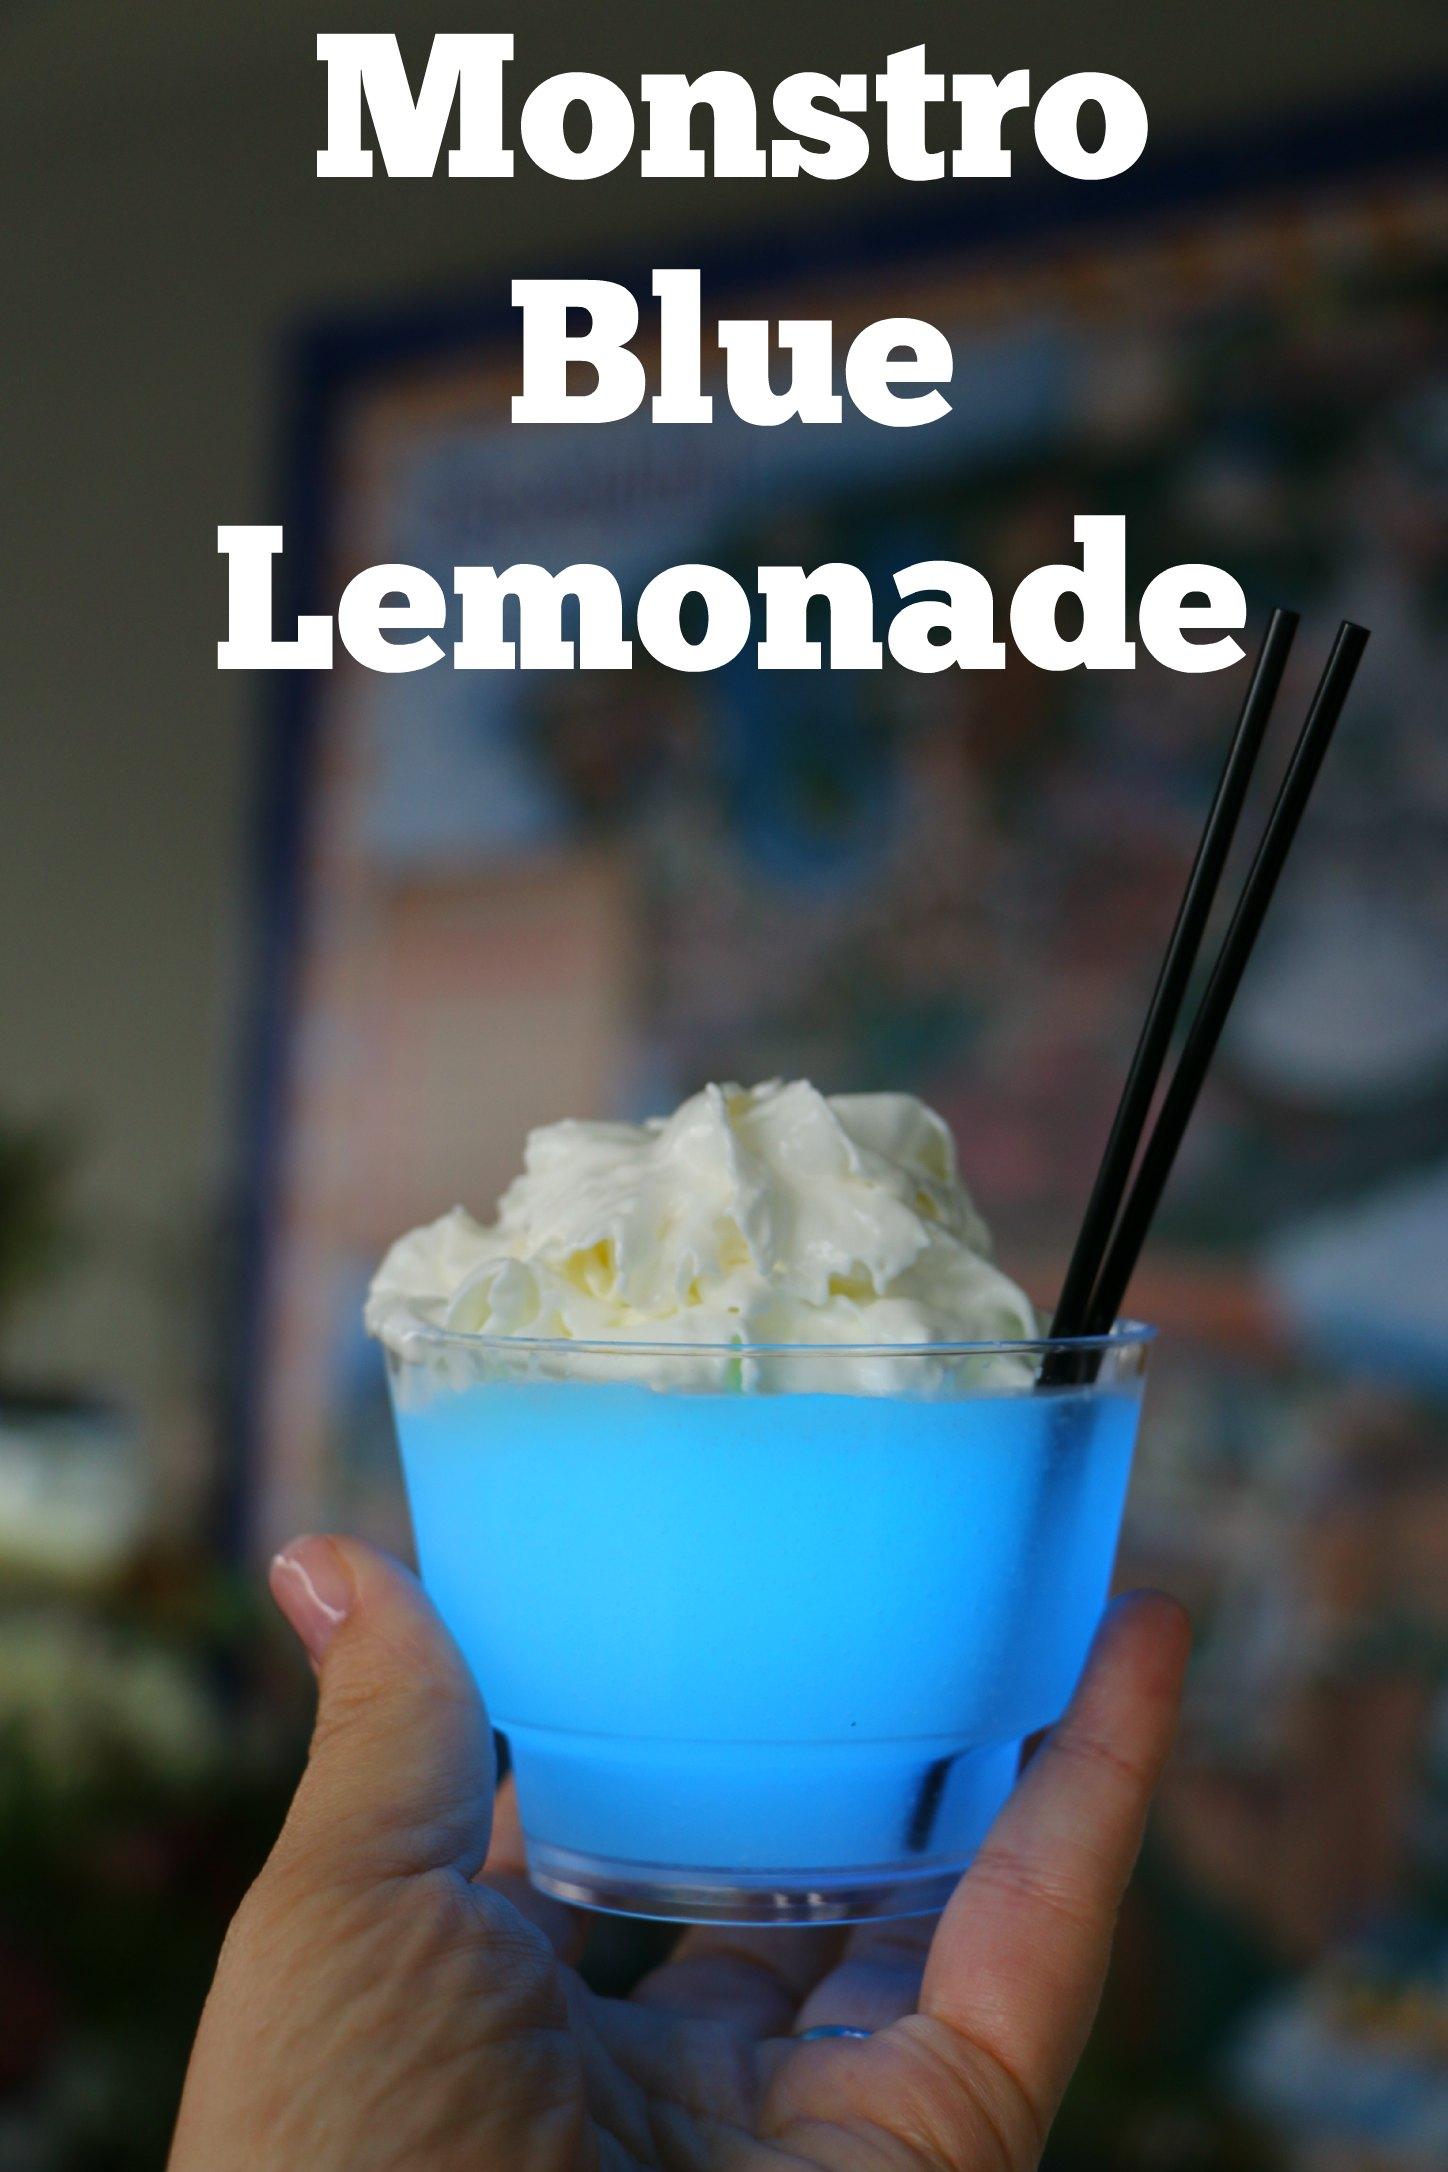 monstro blue lemonade